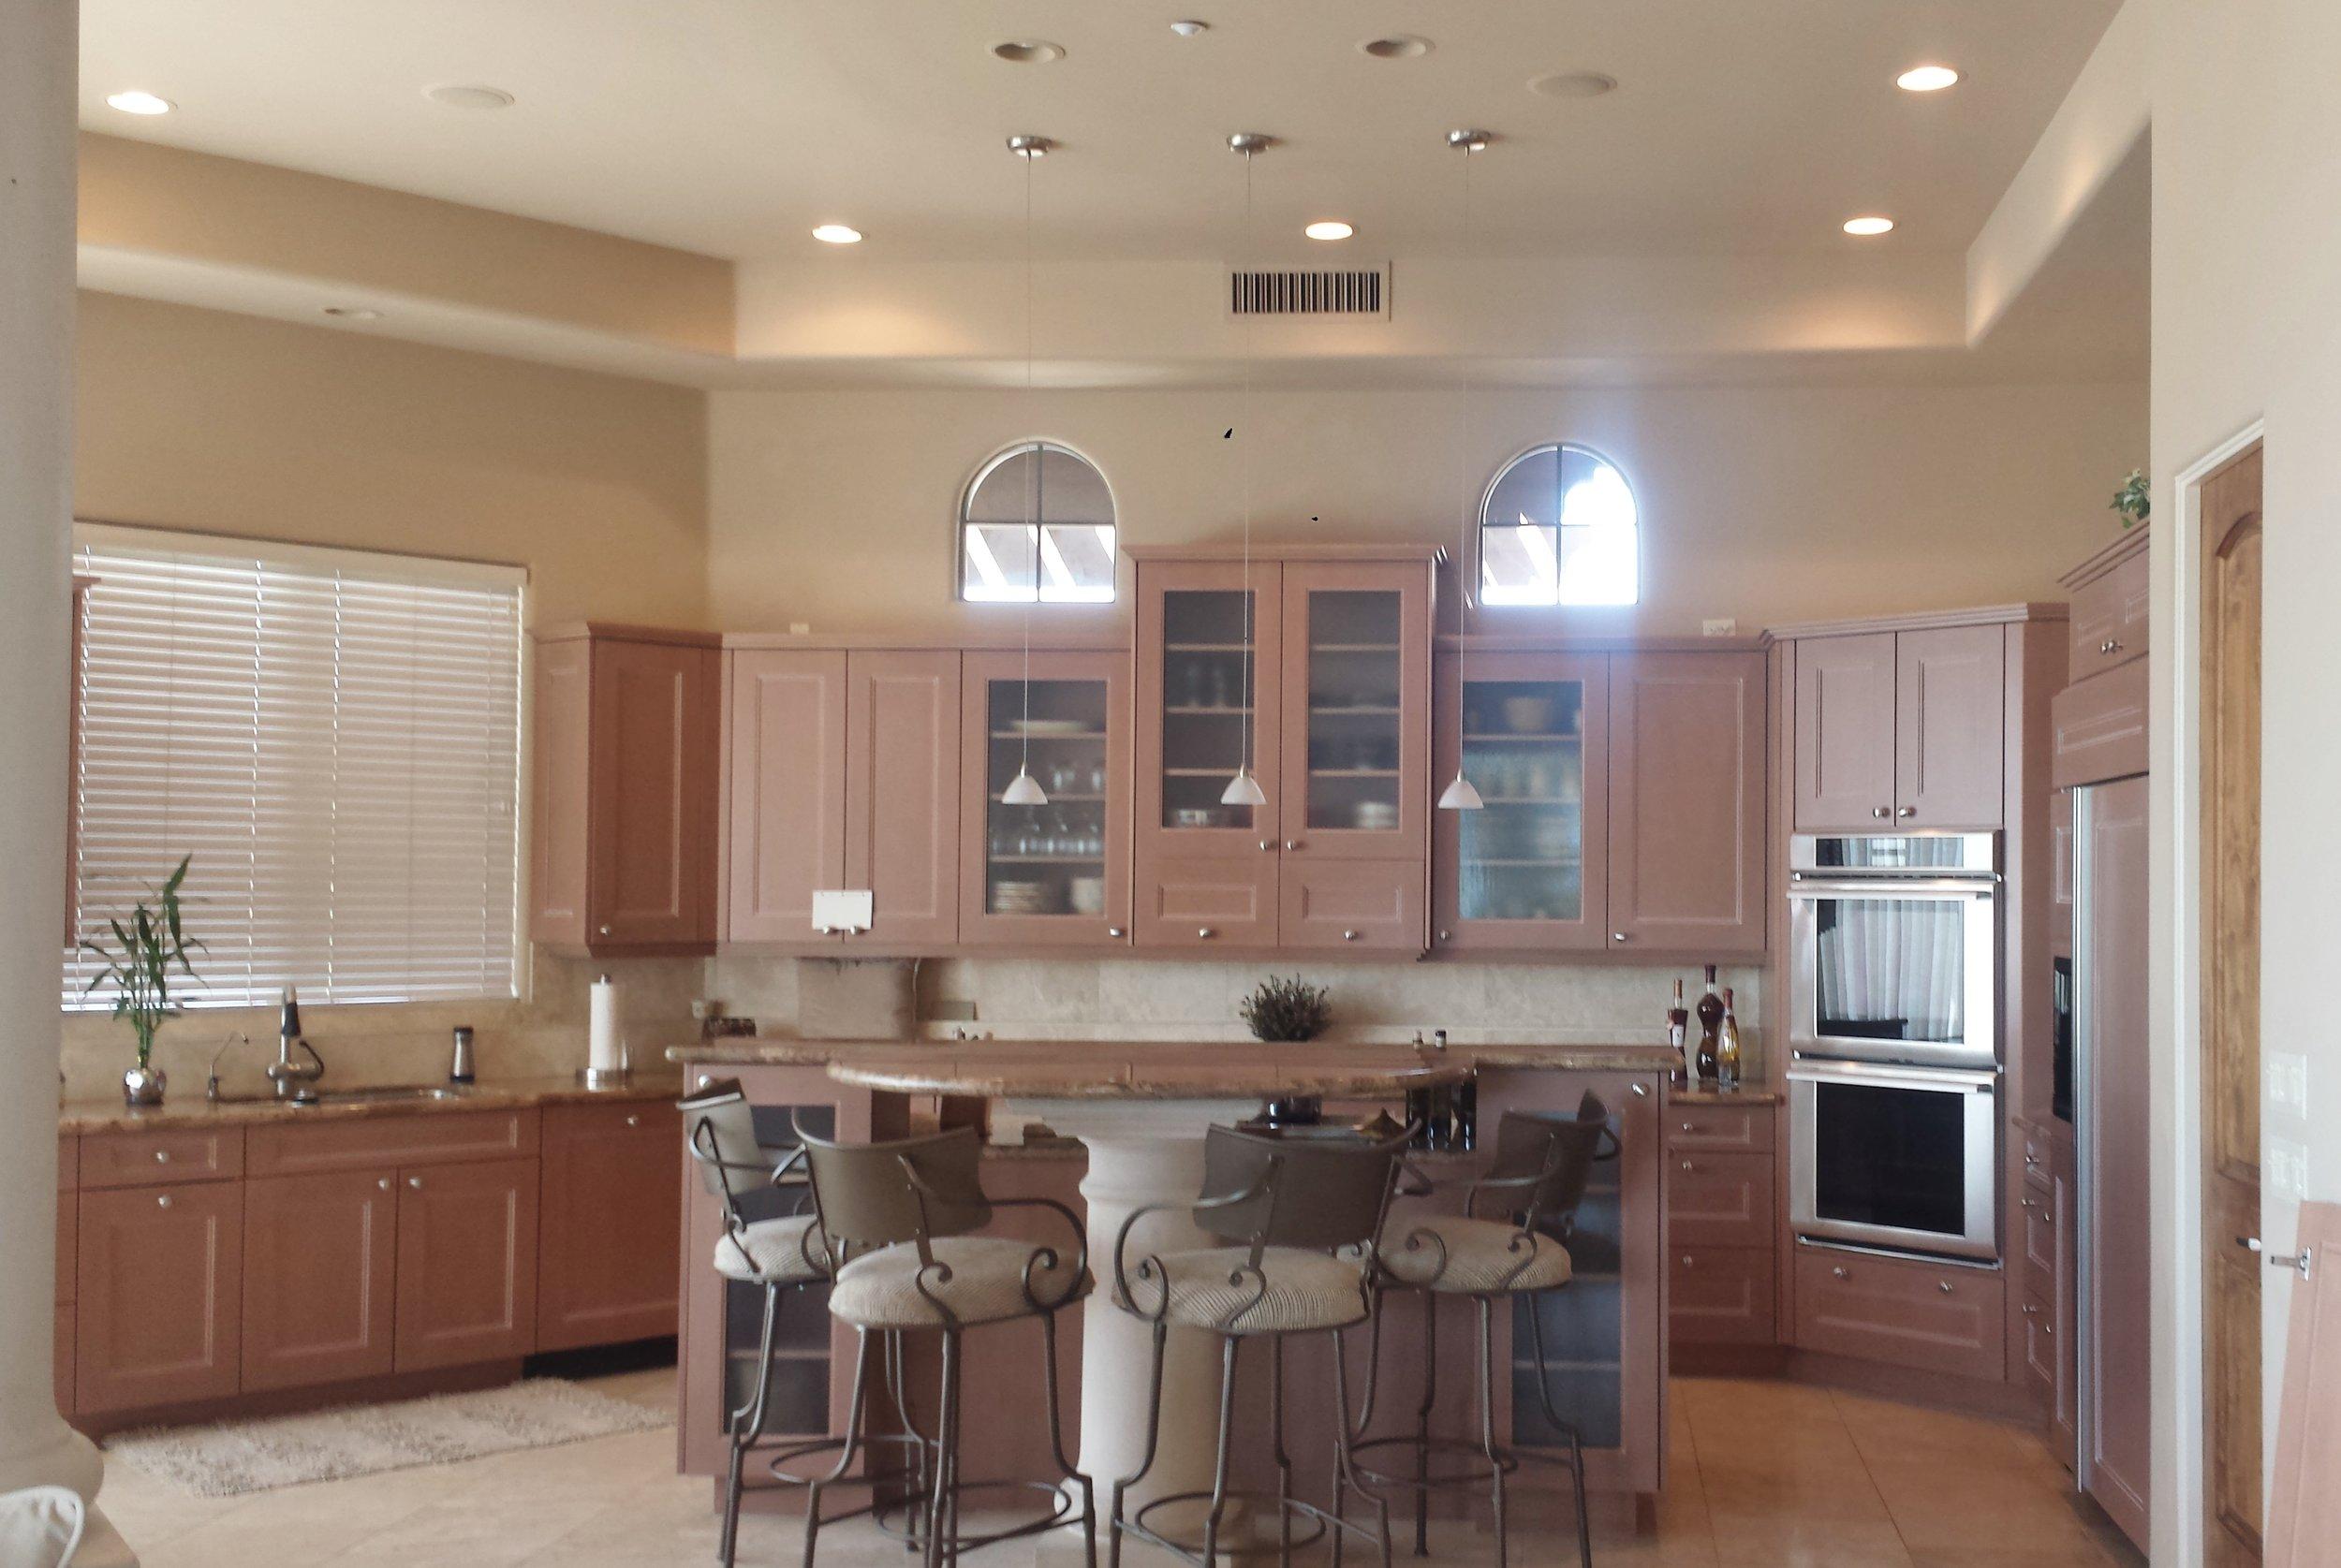 Before Kitchen Remodel - Beige, beige, beige